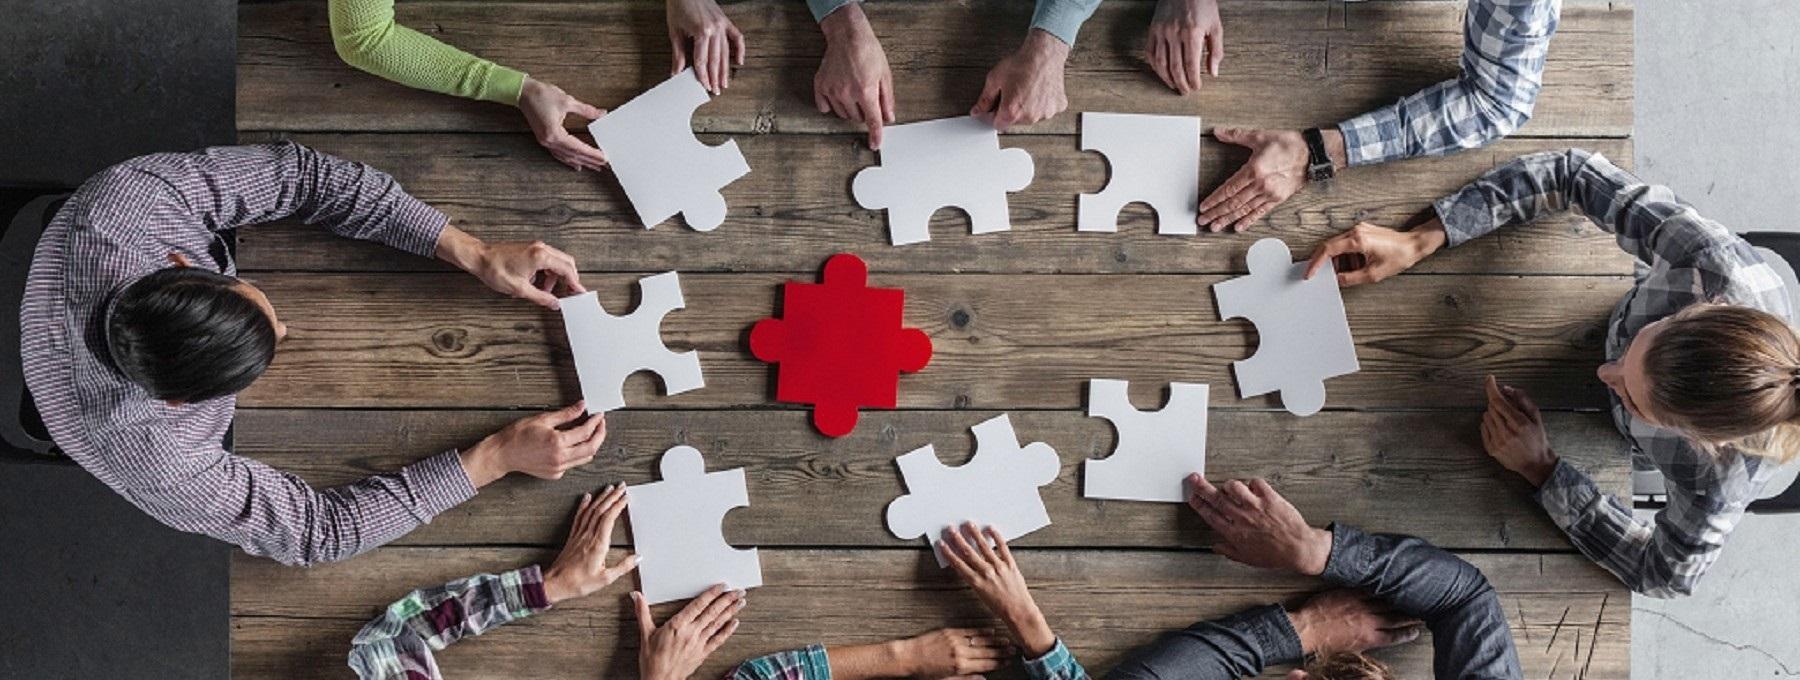 Mitarbeiter sitzen am Tisch und erstellen gemeinsam ein Puzzle